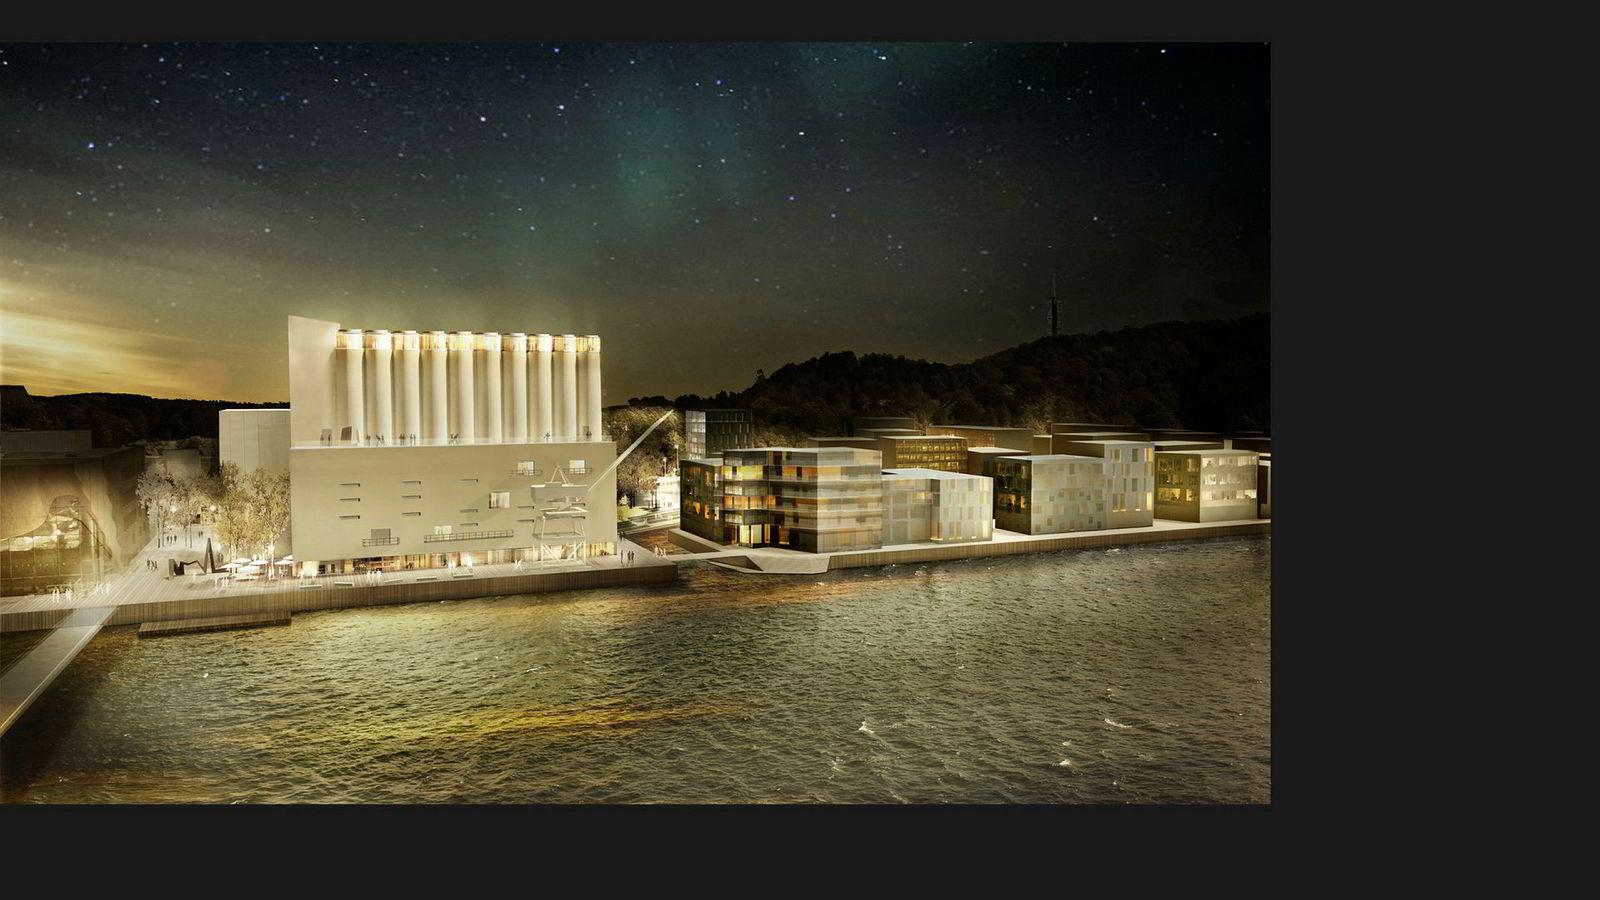 Slik blir den nye Kunstsiloen til 530 millioner kroner i Kristiansand. Siloen skal blant annet inneholde milliardæren Nicolai Tangens store samling nordisk kunst fra 1920 til 1990.